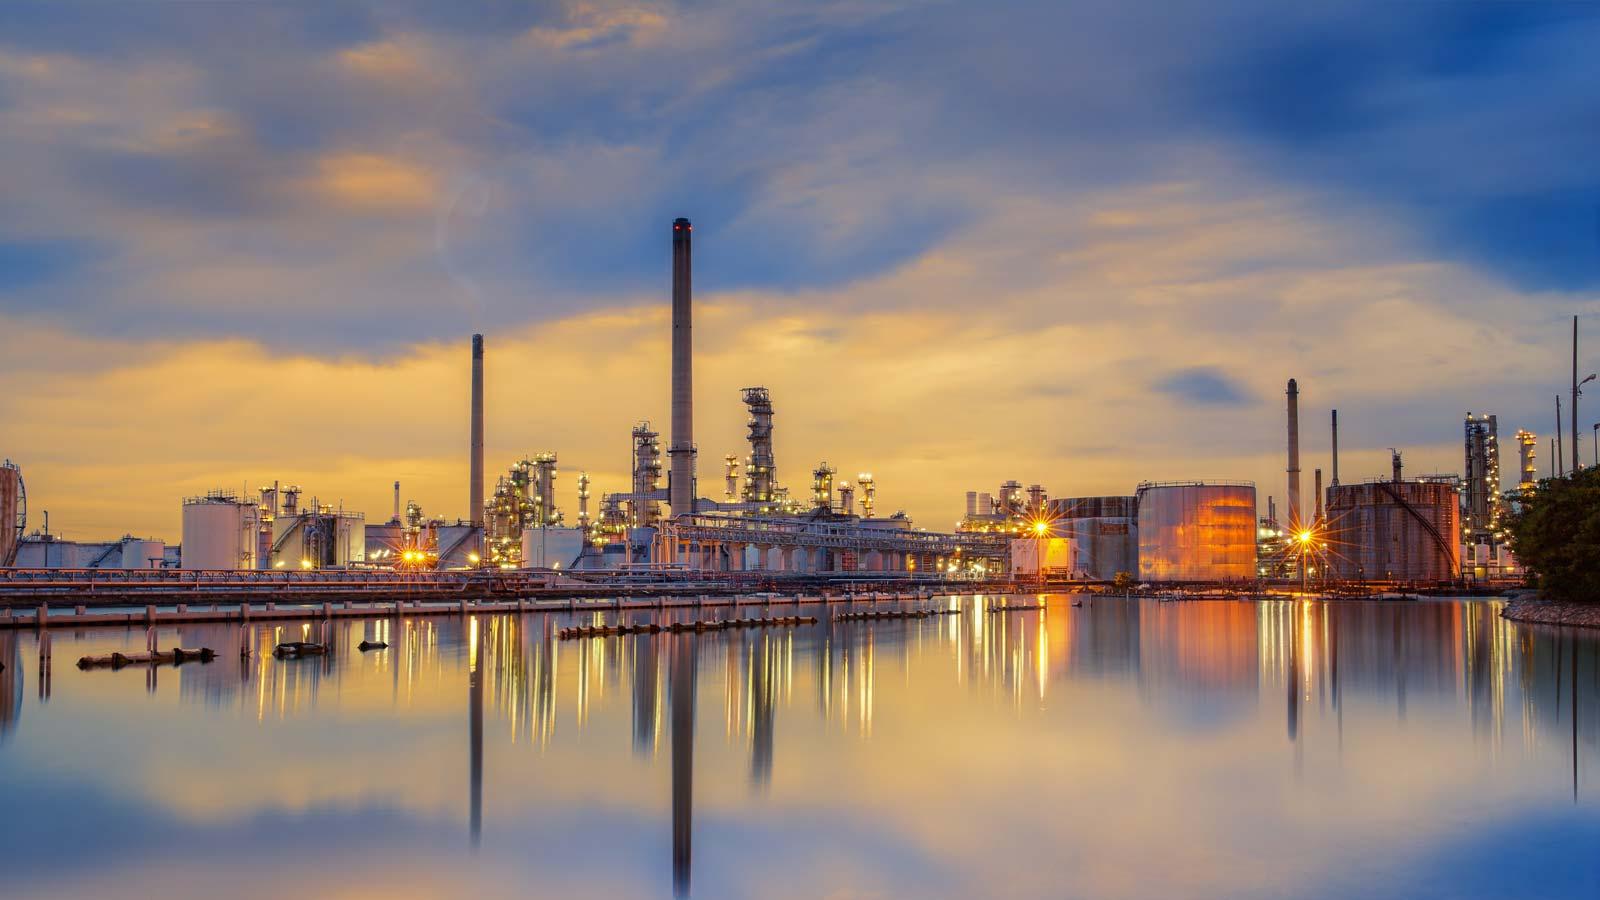 Oil Refinery Facility